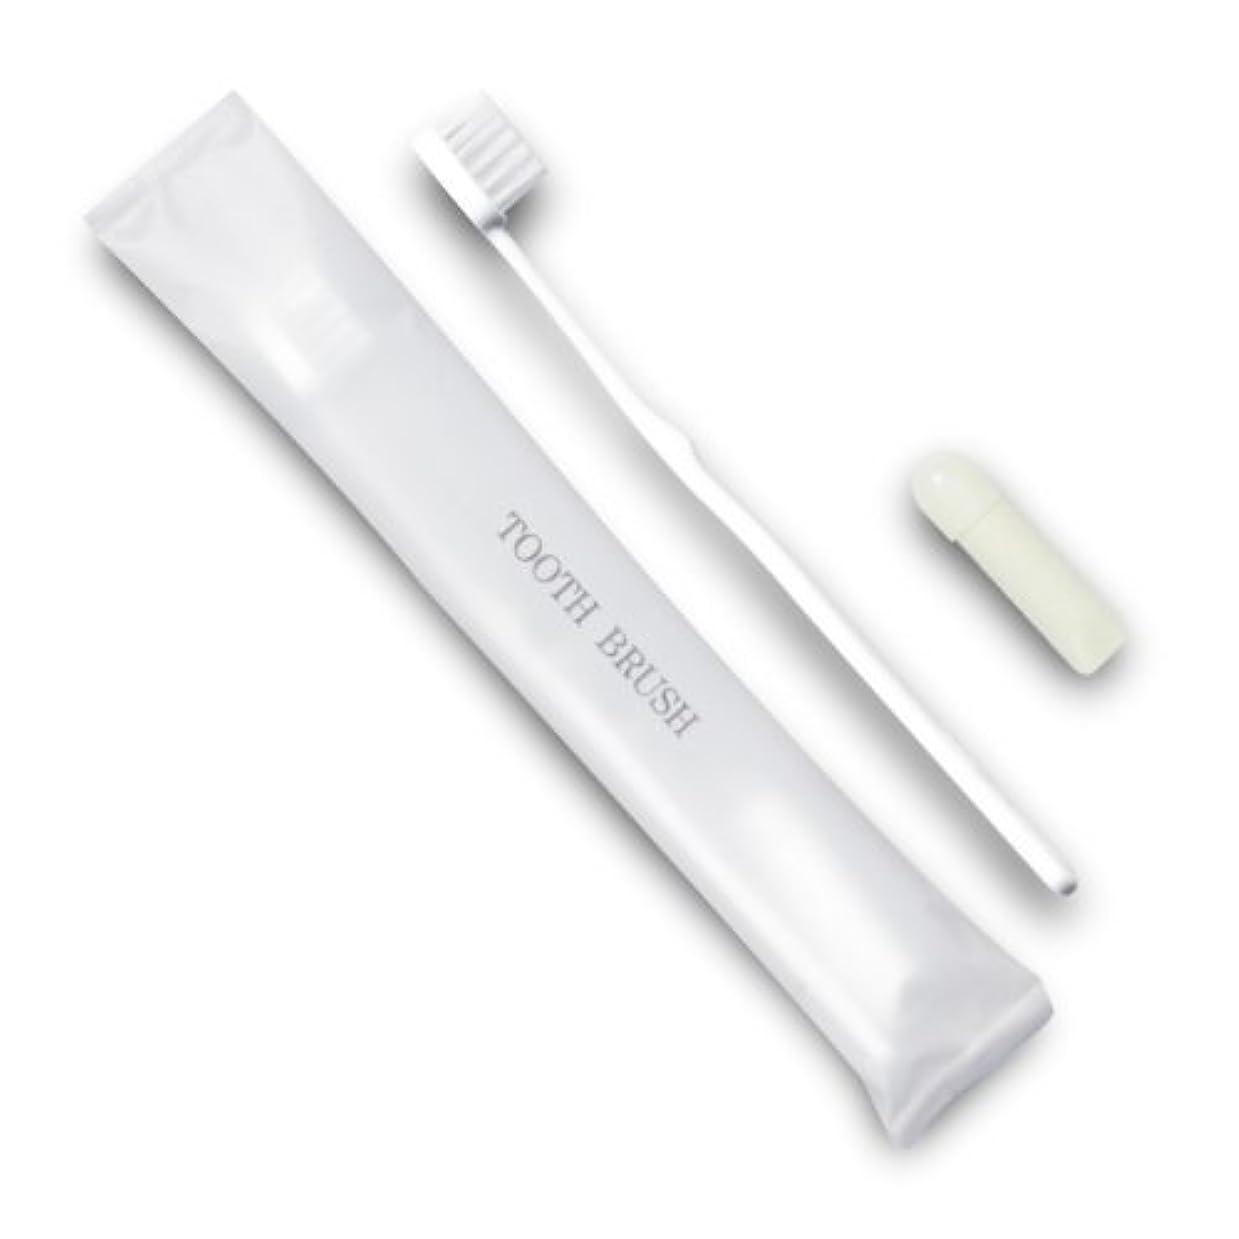 管理者洗うスキャンダルホテル業務用歯ブラシ21穴(白)3gチューブ マット袋FタイプDX 700本